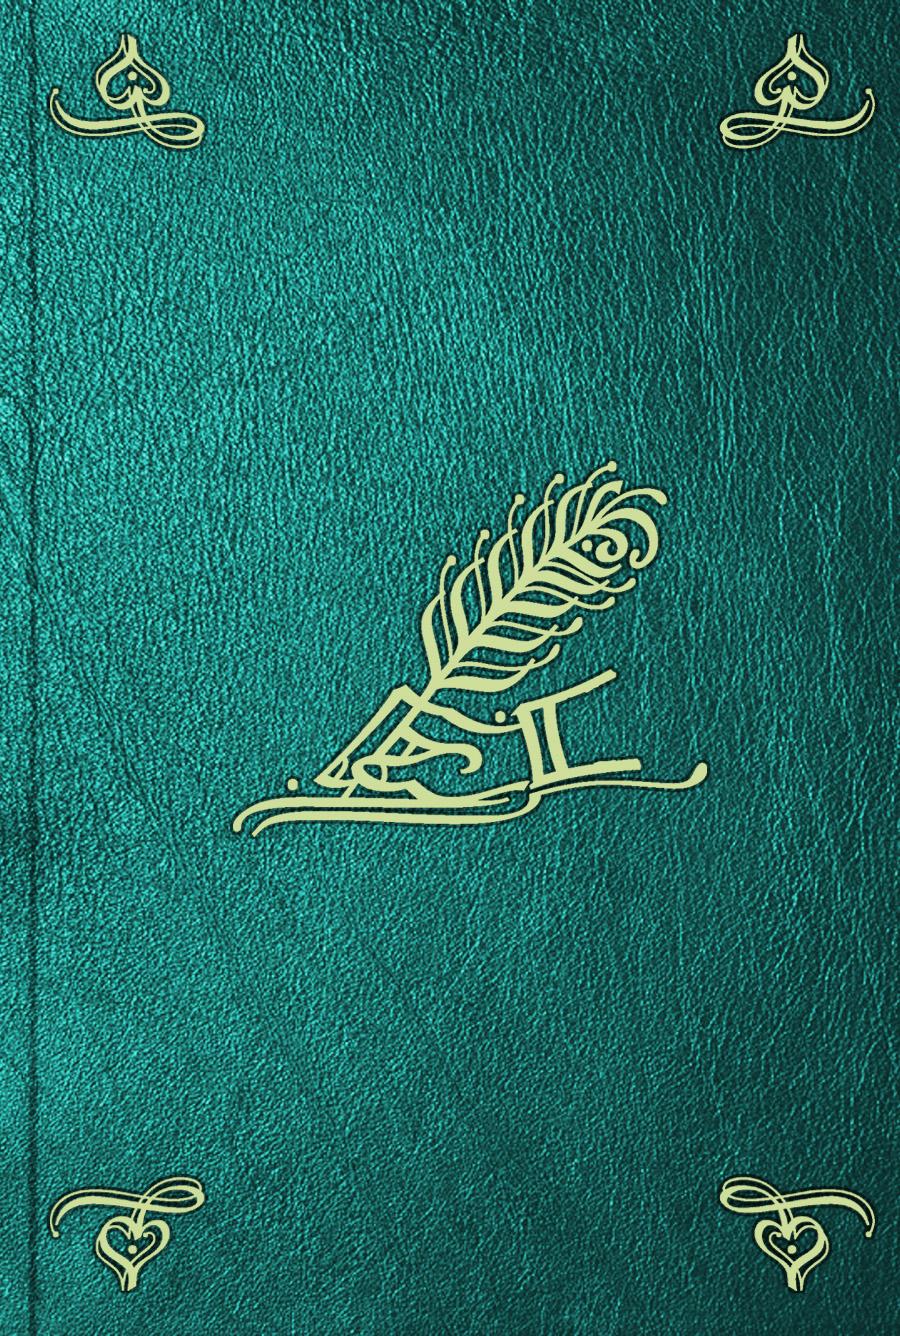 Carlo de'Rosmini Vita e disciplina di Guarino Veronese. Vol. 1 luigi tosti storia di bonifazio viii e de suoi tempi vol 1 classic reprint